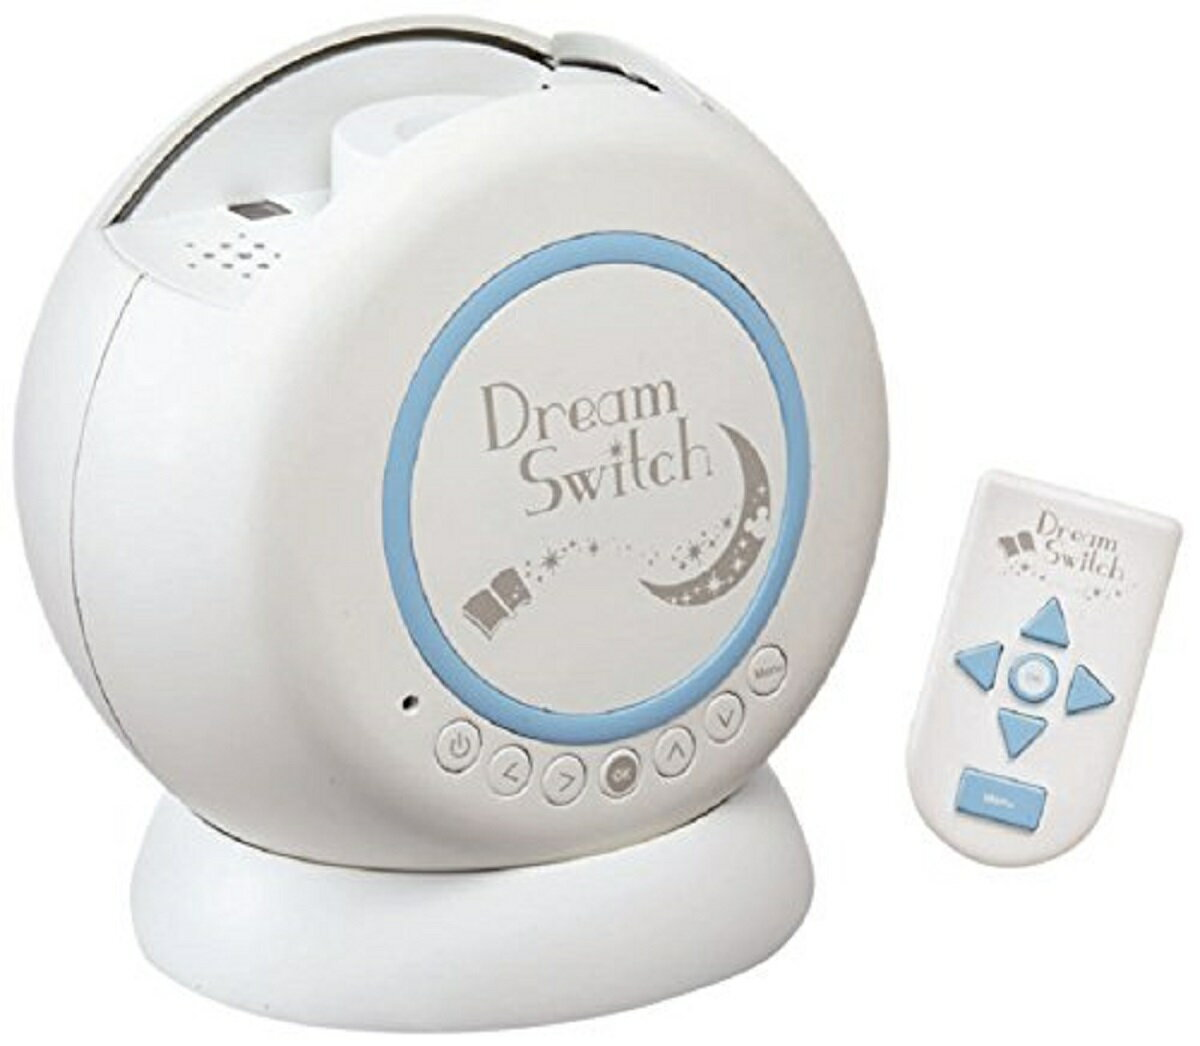 【3月下旬発送】ディズニー ピクサーキャラクターズ Dream Switch(ドリーム スイッチ)